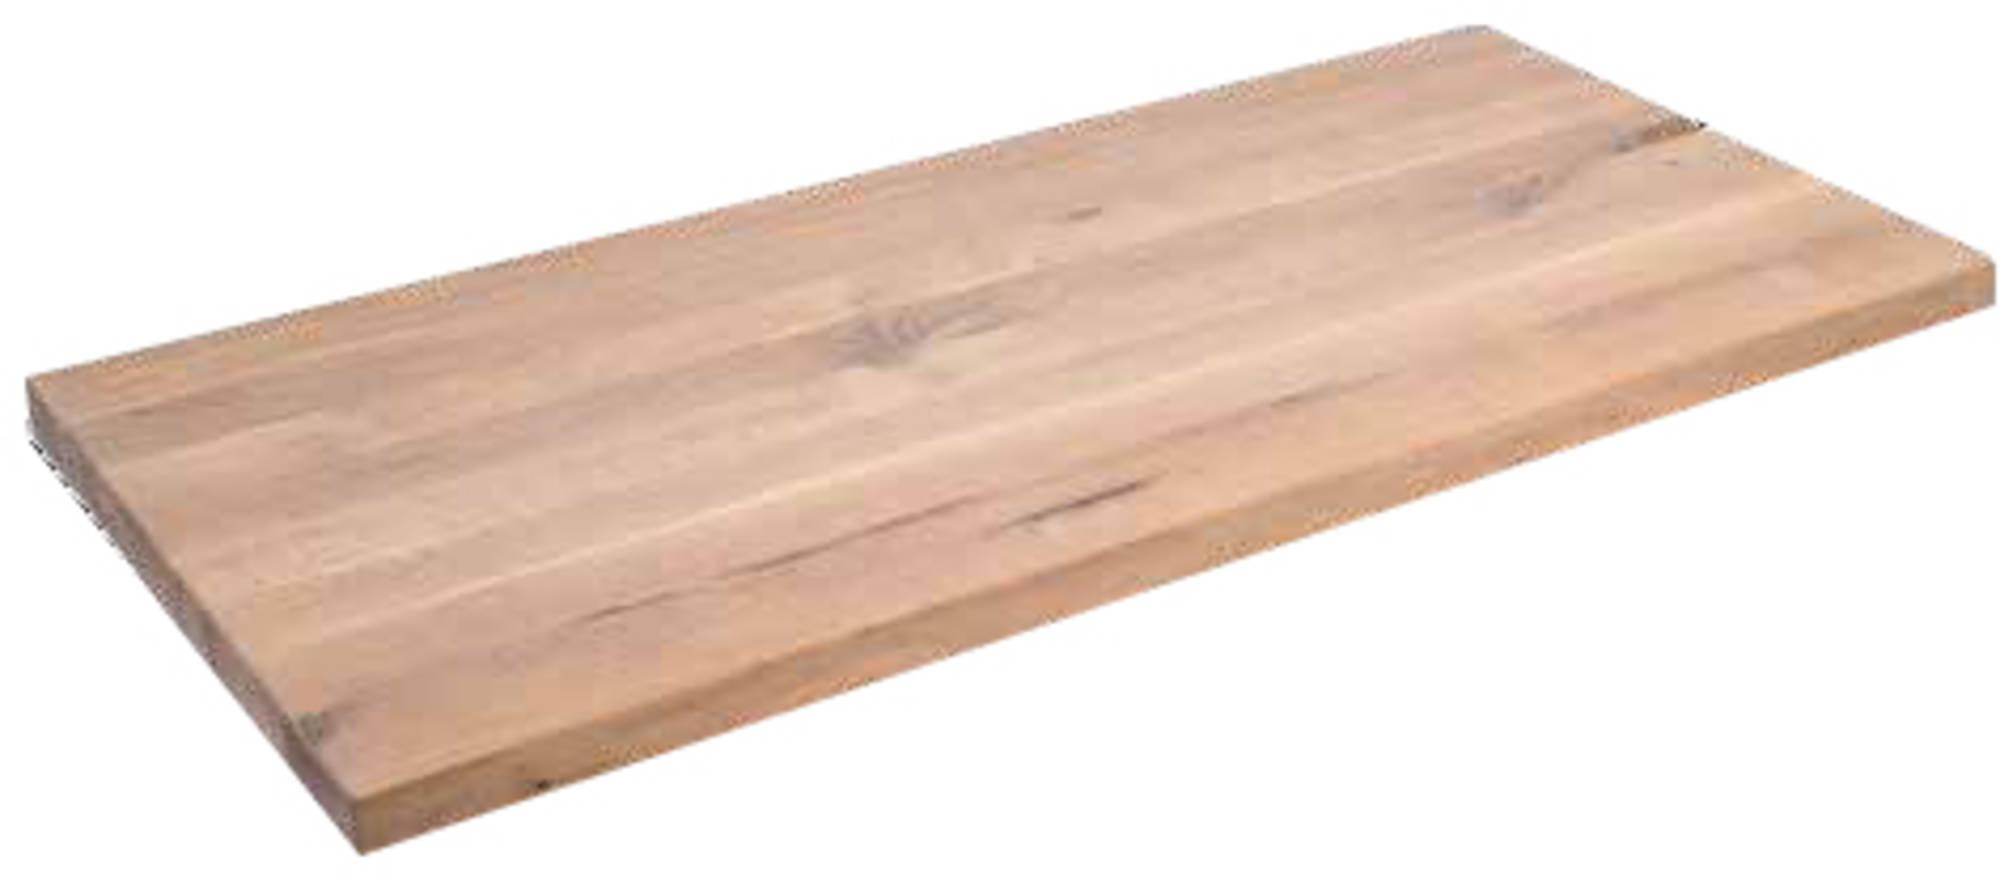 Van Heck Wastafelblad 113x53x4,5 cm Eiken